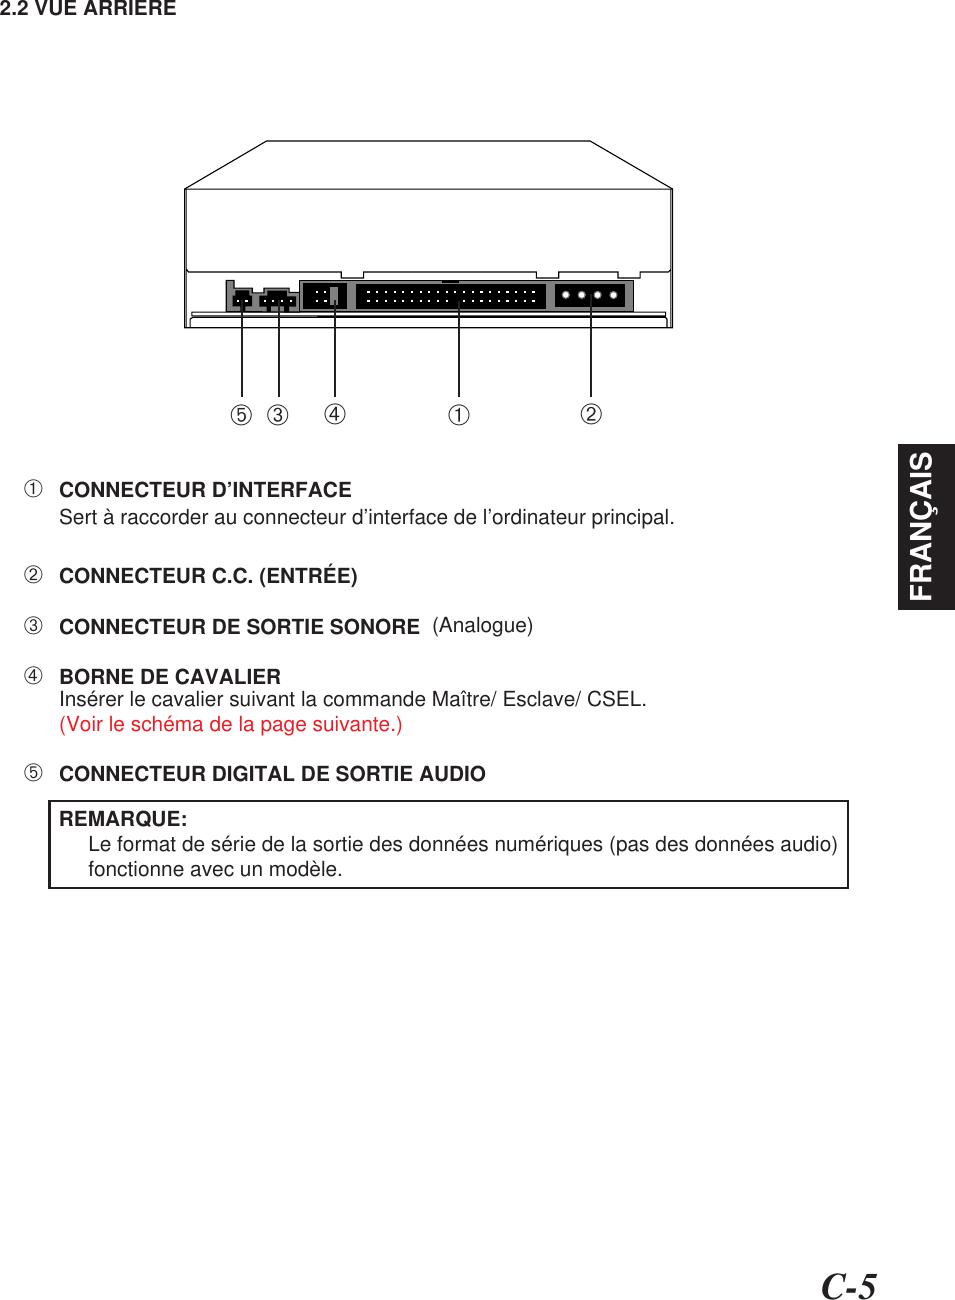 C-5FRANÇAIS2.2 VUE ARRIERE    ➀CONNECTEUR D'INTERFACESert à raccorder au connecteur d'interface de l'ordinateur principal.    ➁CONNECTEUR C.C. (ENTRÉE)    ➂CONNECTEUR DE SORTIE SONORE    ➃BORNE DE CAVALIERInsérer le cavalier suivant la commande Maître/ Esclave/ CSEL.(Voir le schéma de la page suivante.)    ➄CONNECTEUR DIGITAL DE SORTIE AUDIO     REMARQUE:Le format de série de la sortie des données numériques (pas des données audio)fonctionne avec un modèle.(Analogue)➀➁➂➃➄